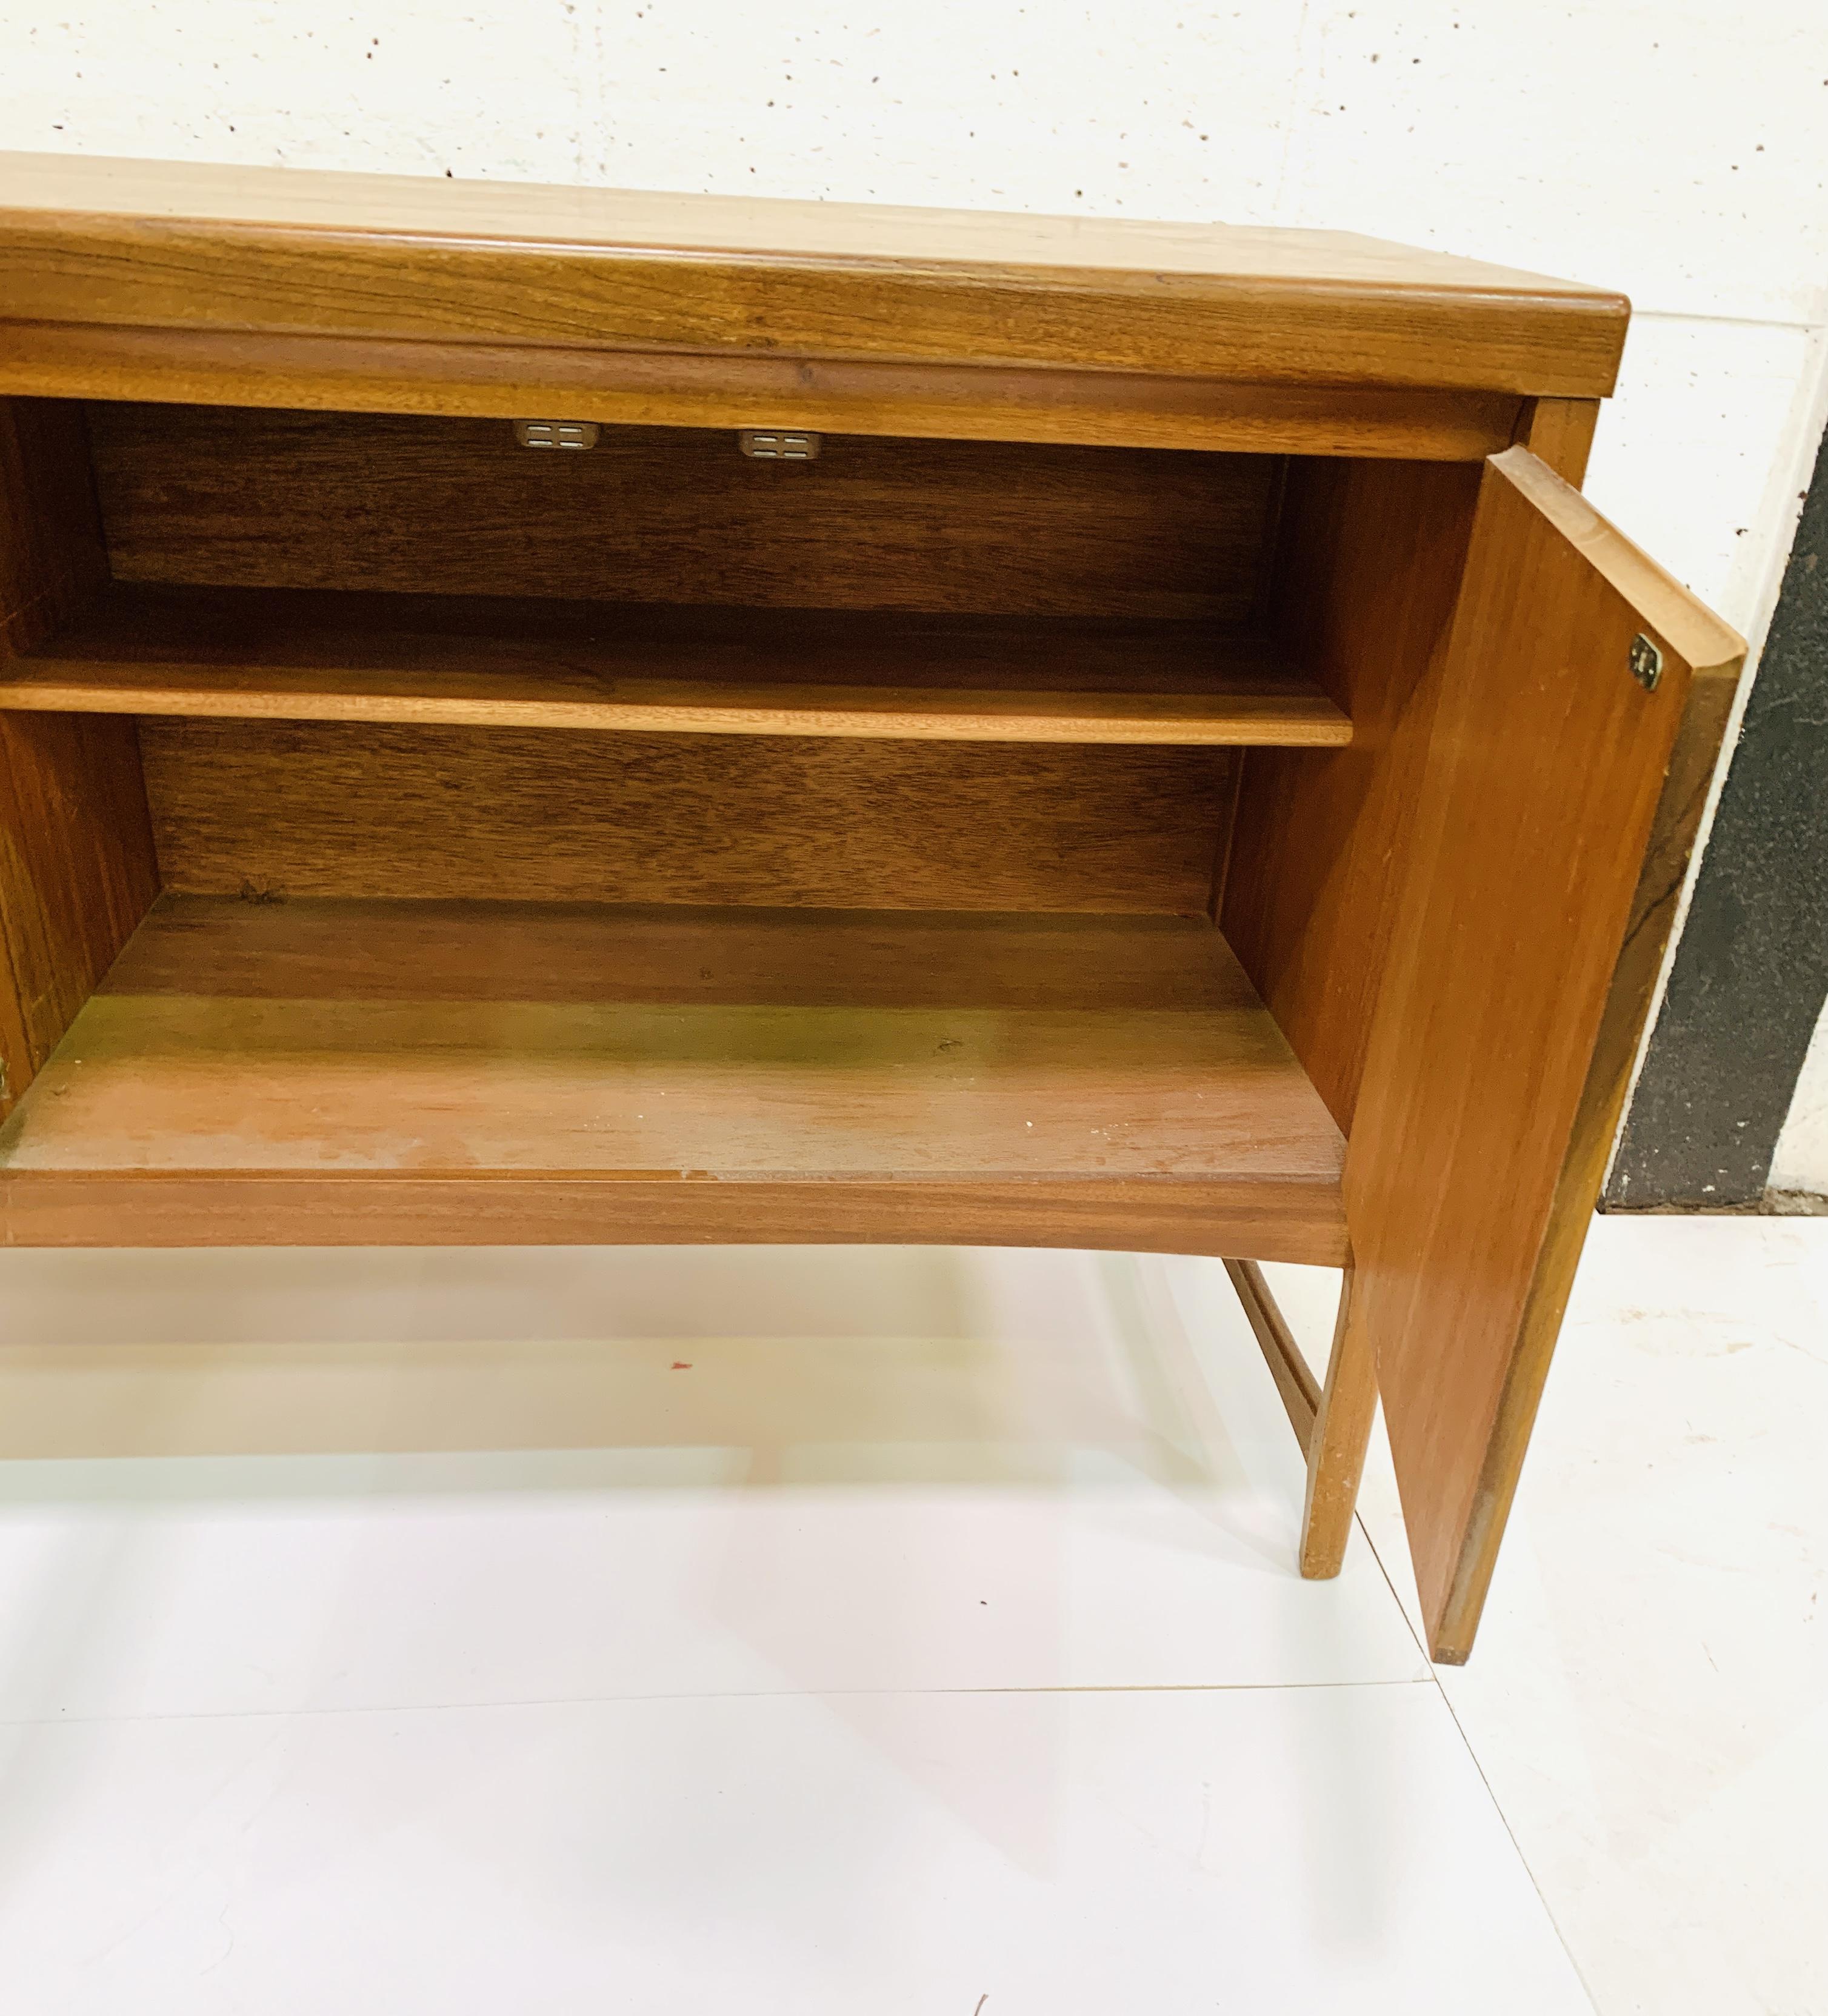 1970's teak sideboard - Image 3 of 4